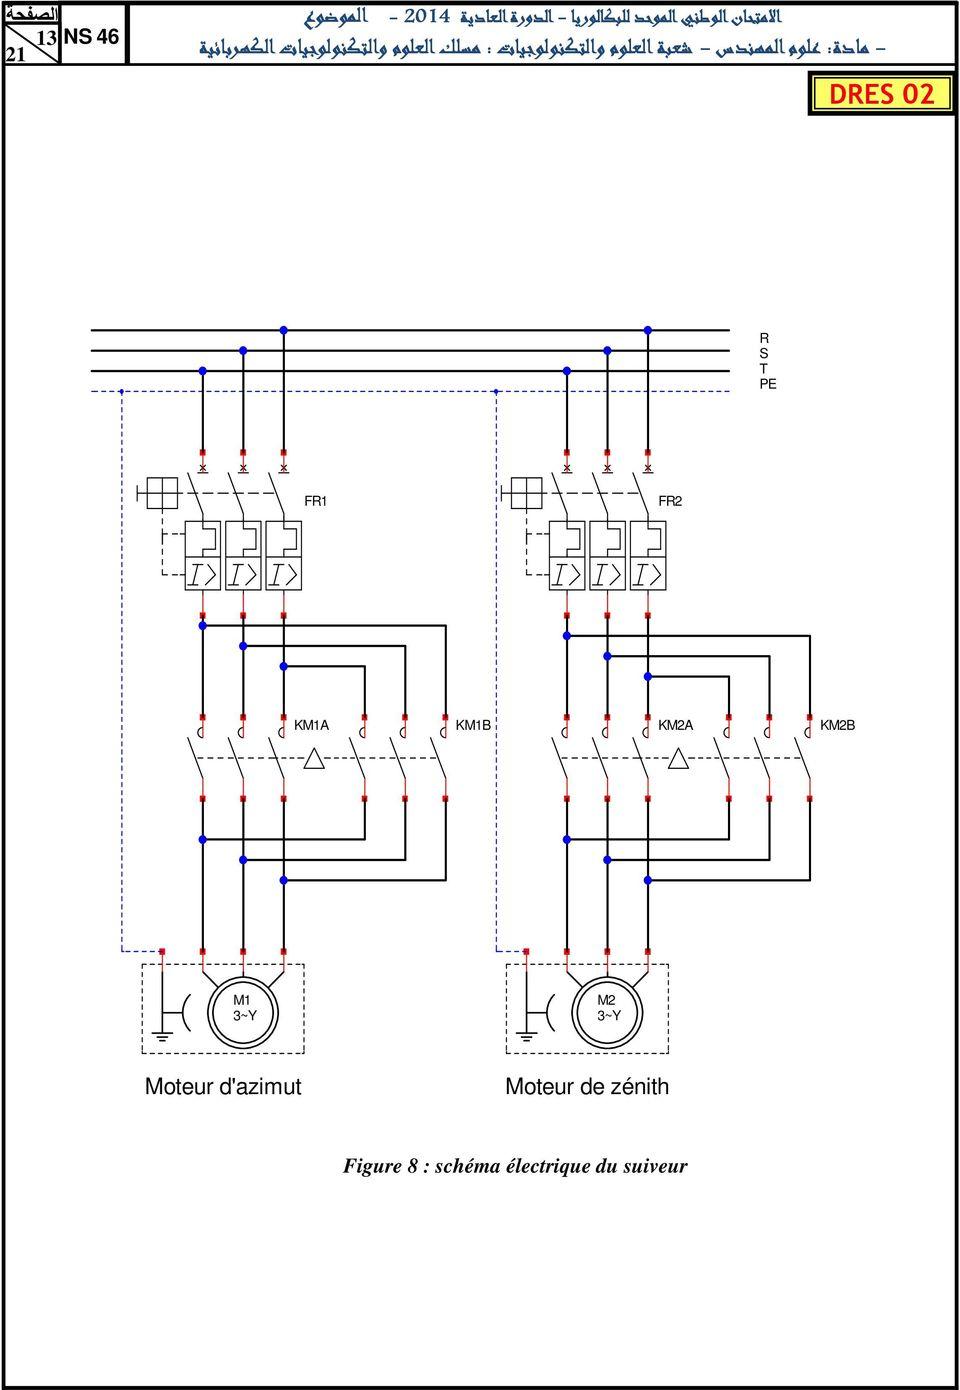 ls 400 Schema moteur